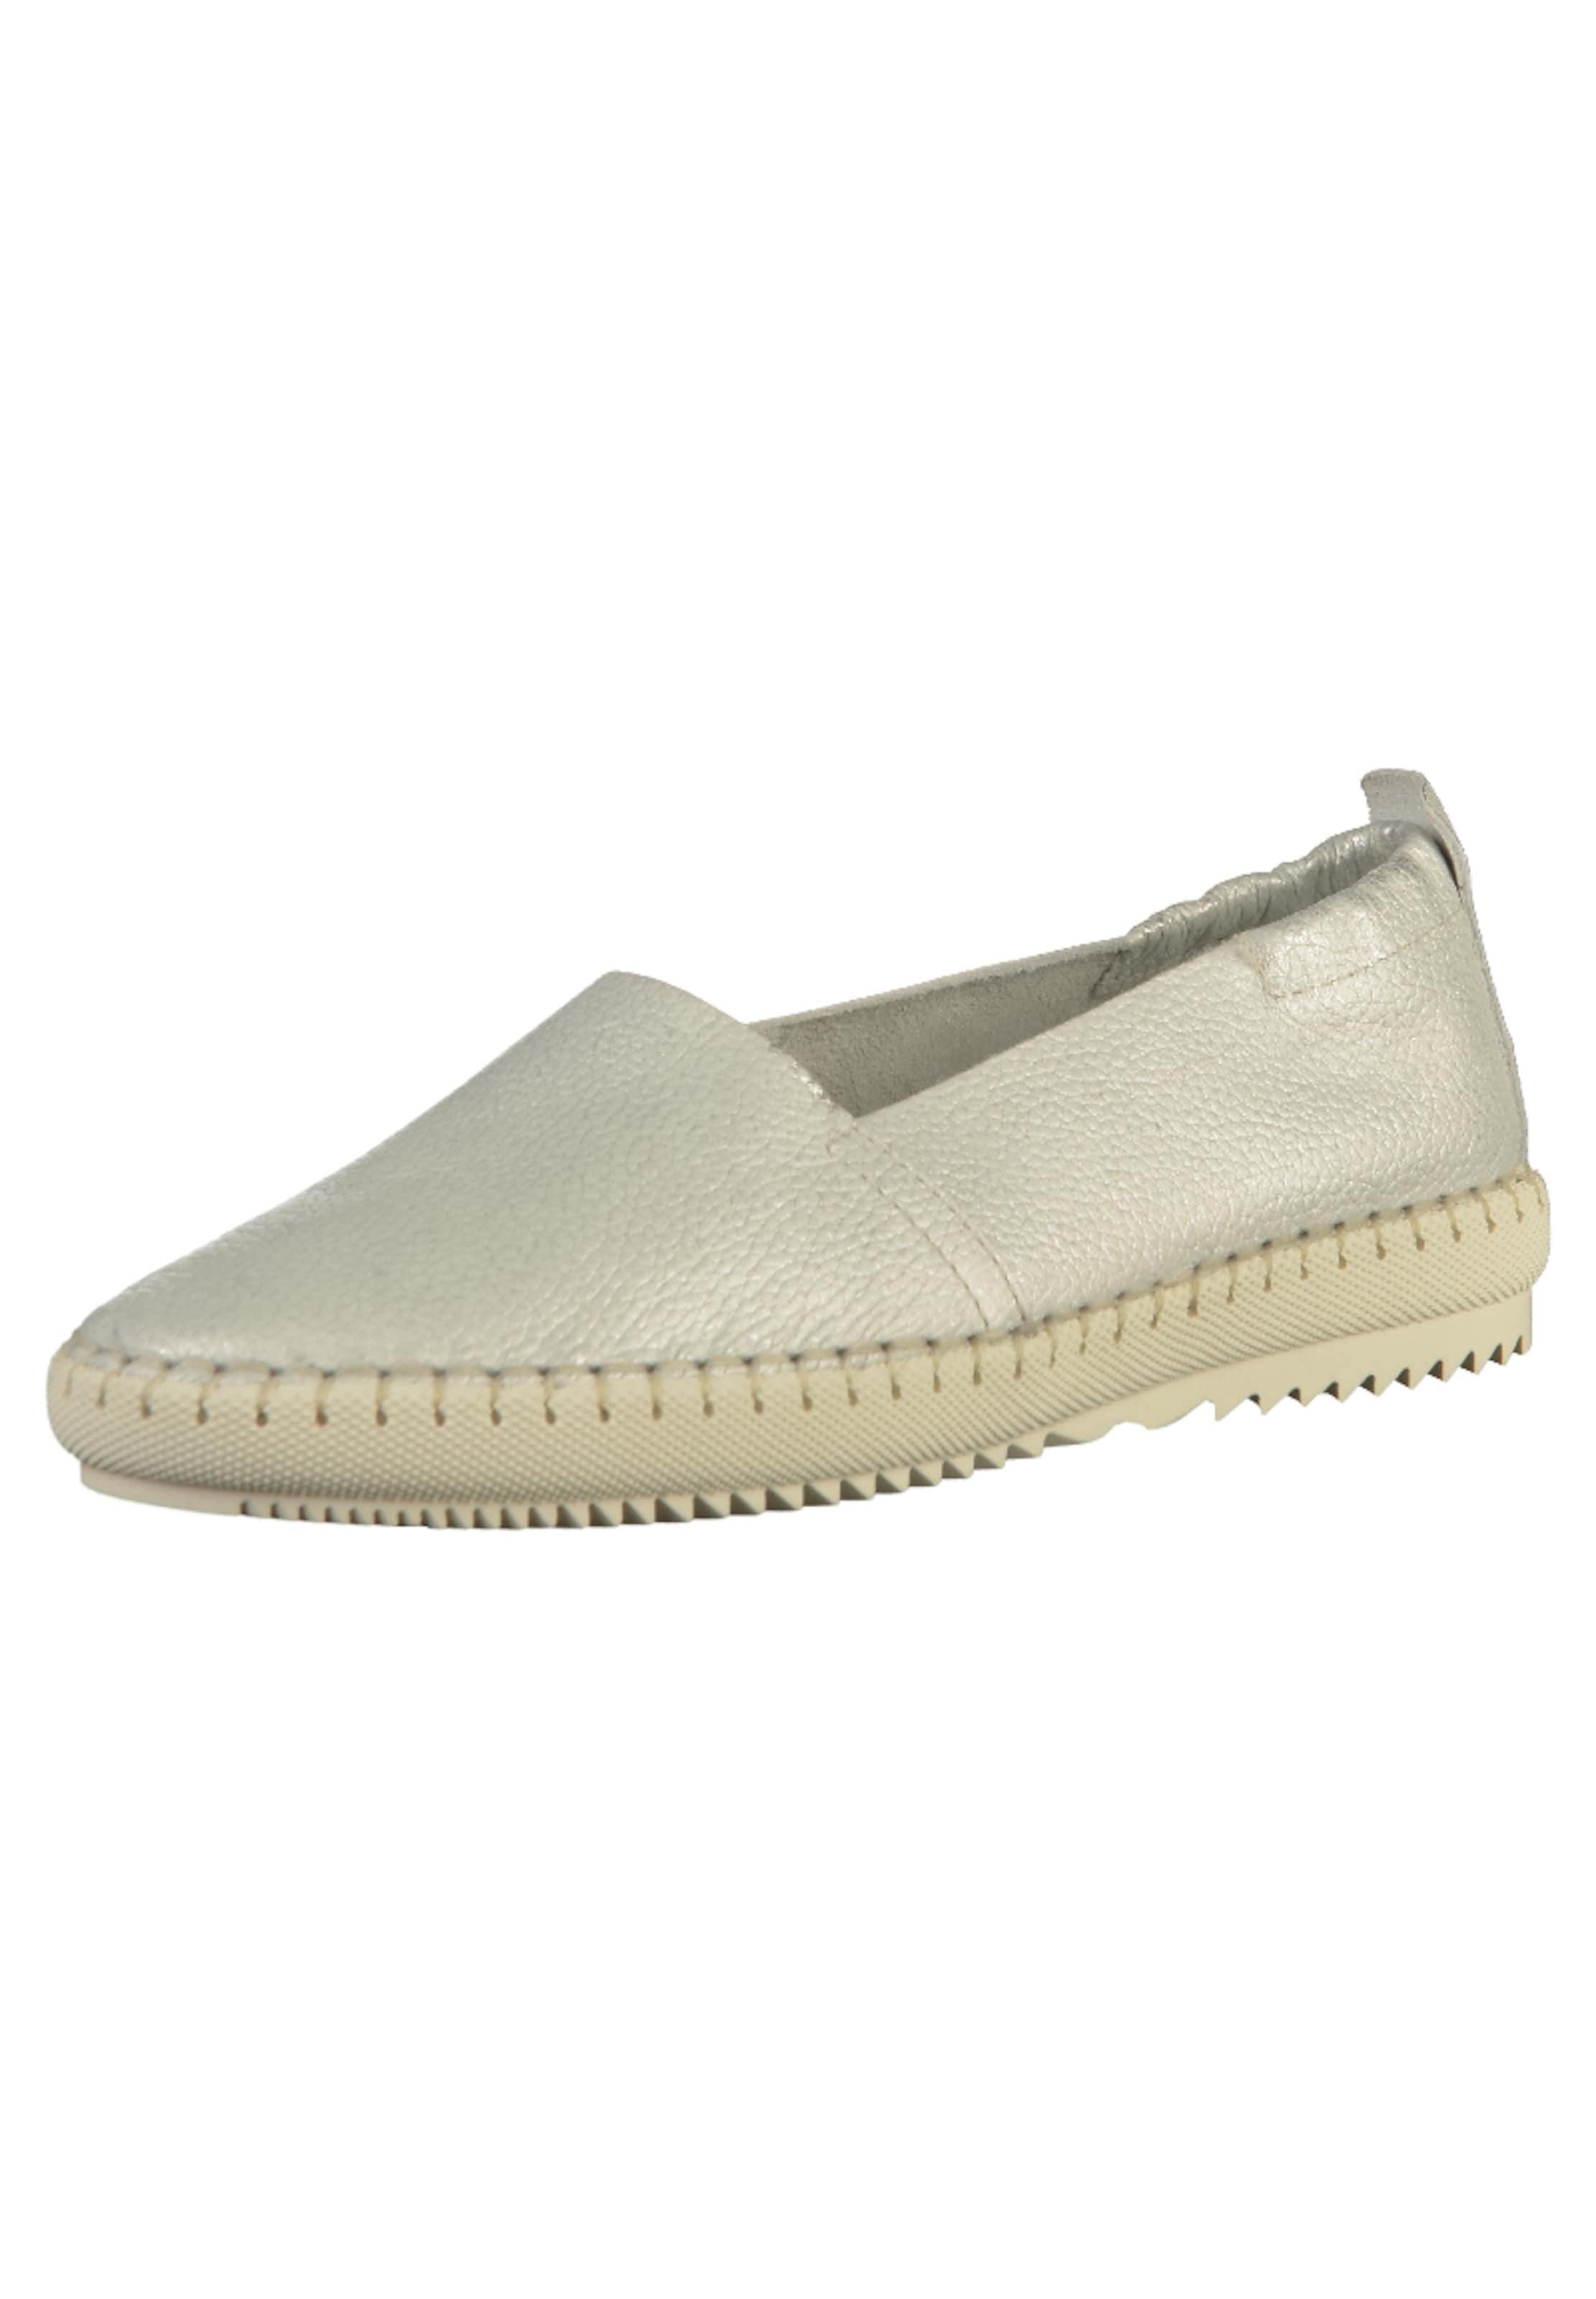 TAMARIS Slipper Günstige und langlebige Schuhe